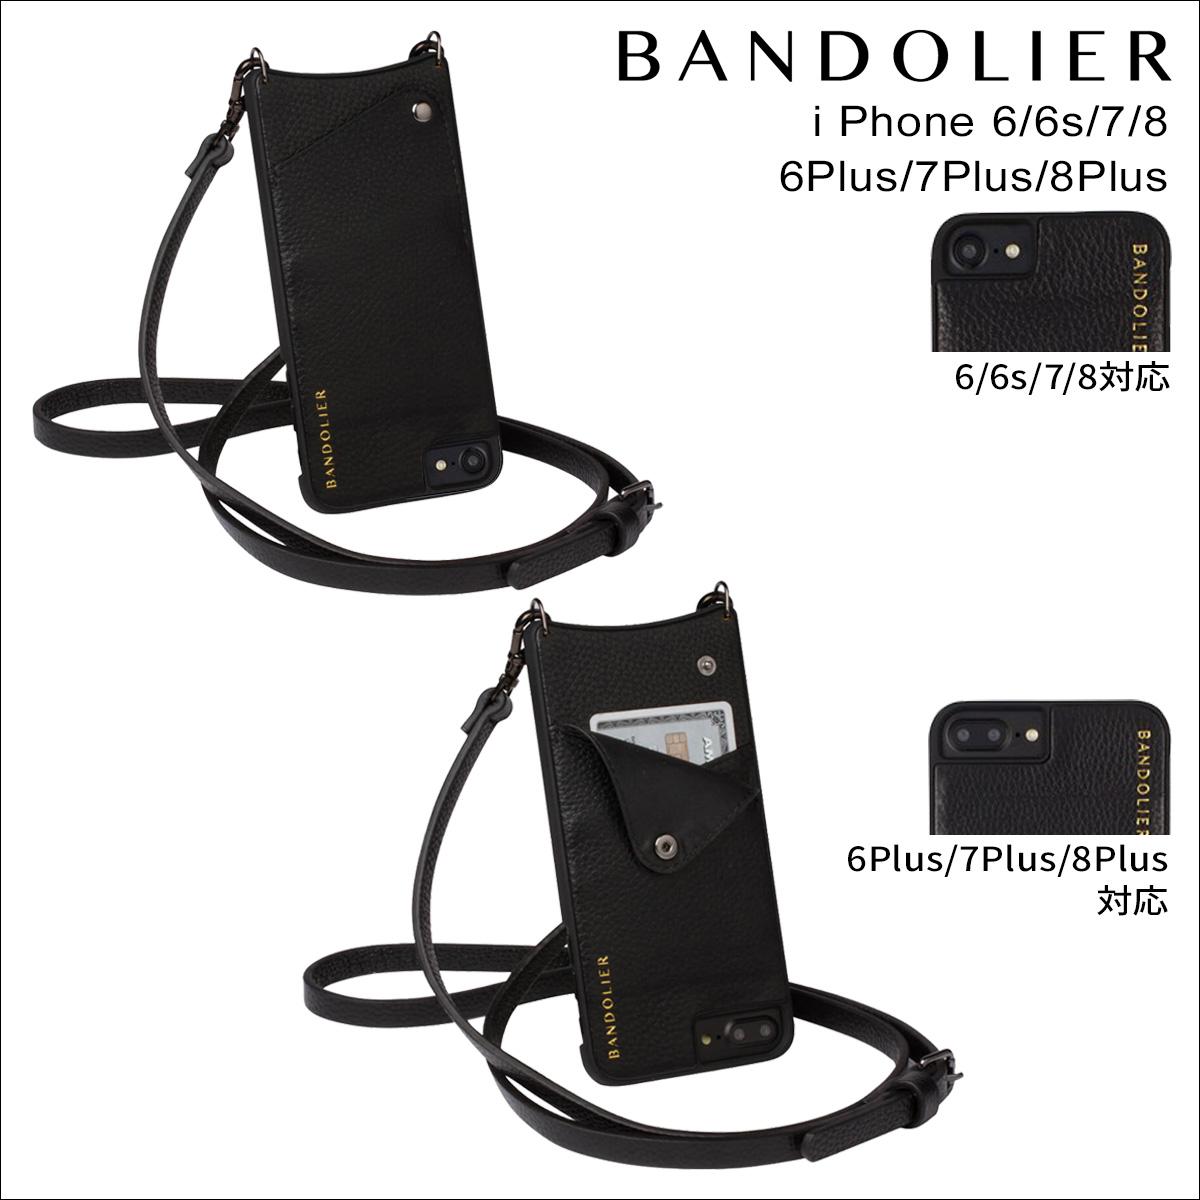 BANDOLIER バンドリヤー iPhone SE 8 7 6 6s/Plus ケース スマホ 携帯 アイフォン プラス EMMA メンズ レディース レザー ブラック